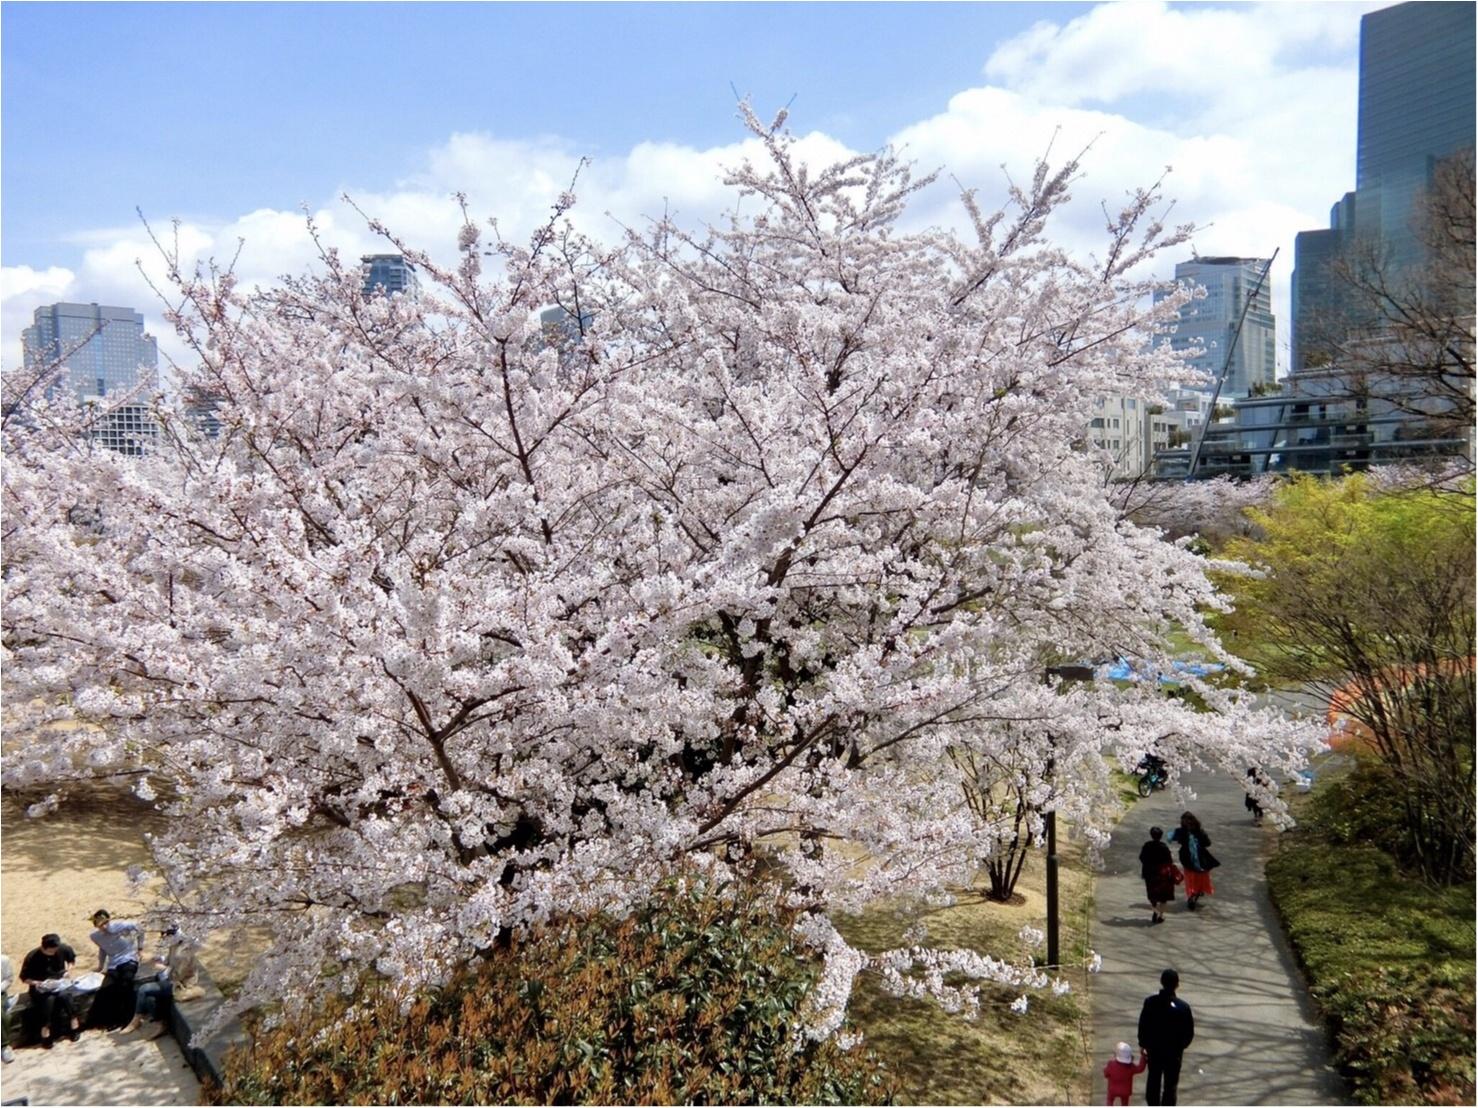 【可愛いフォトスポットも☆】六本木・東京ミッドタウンでお花見してきました!_1